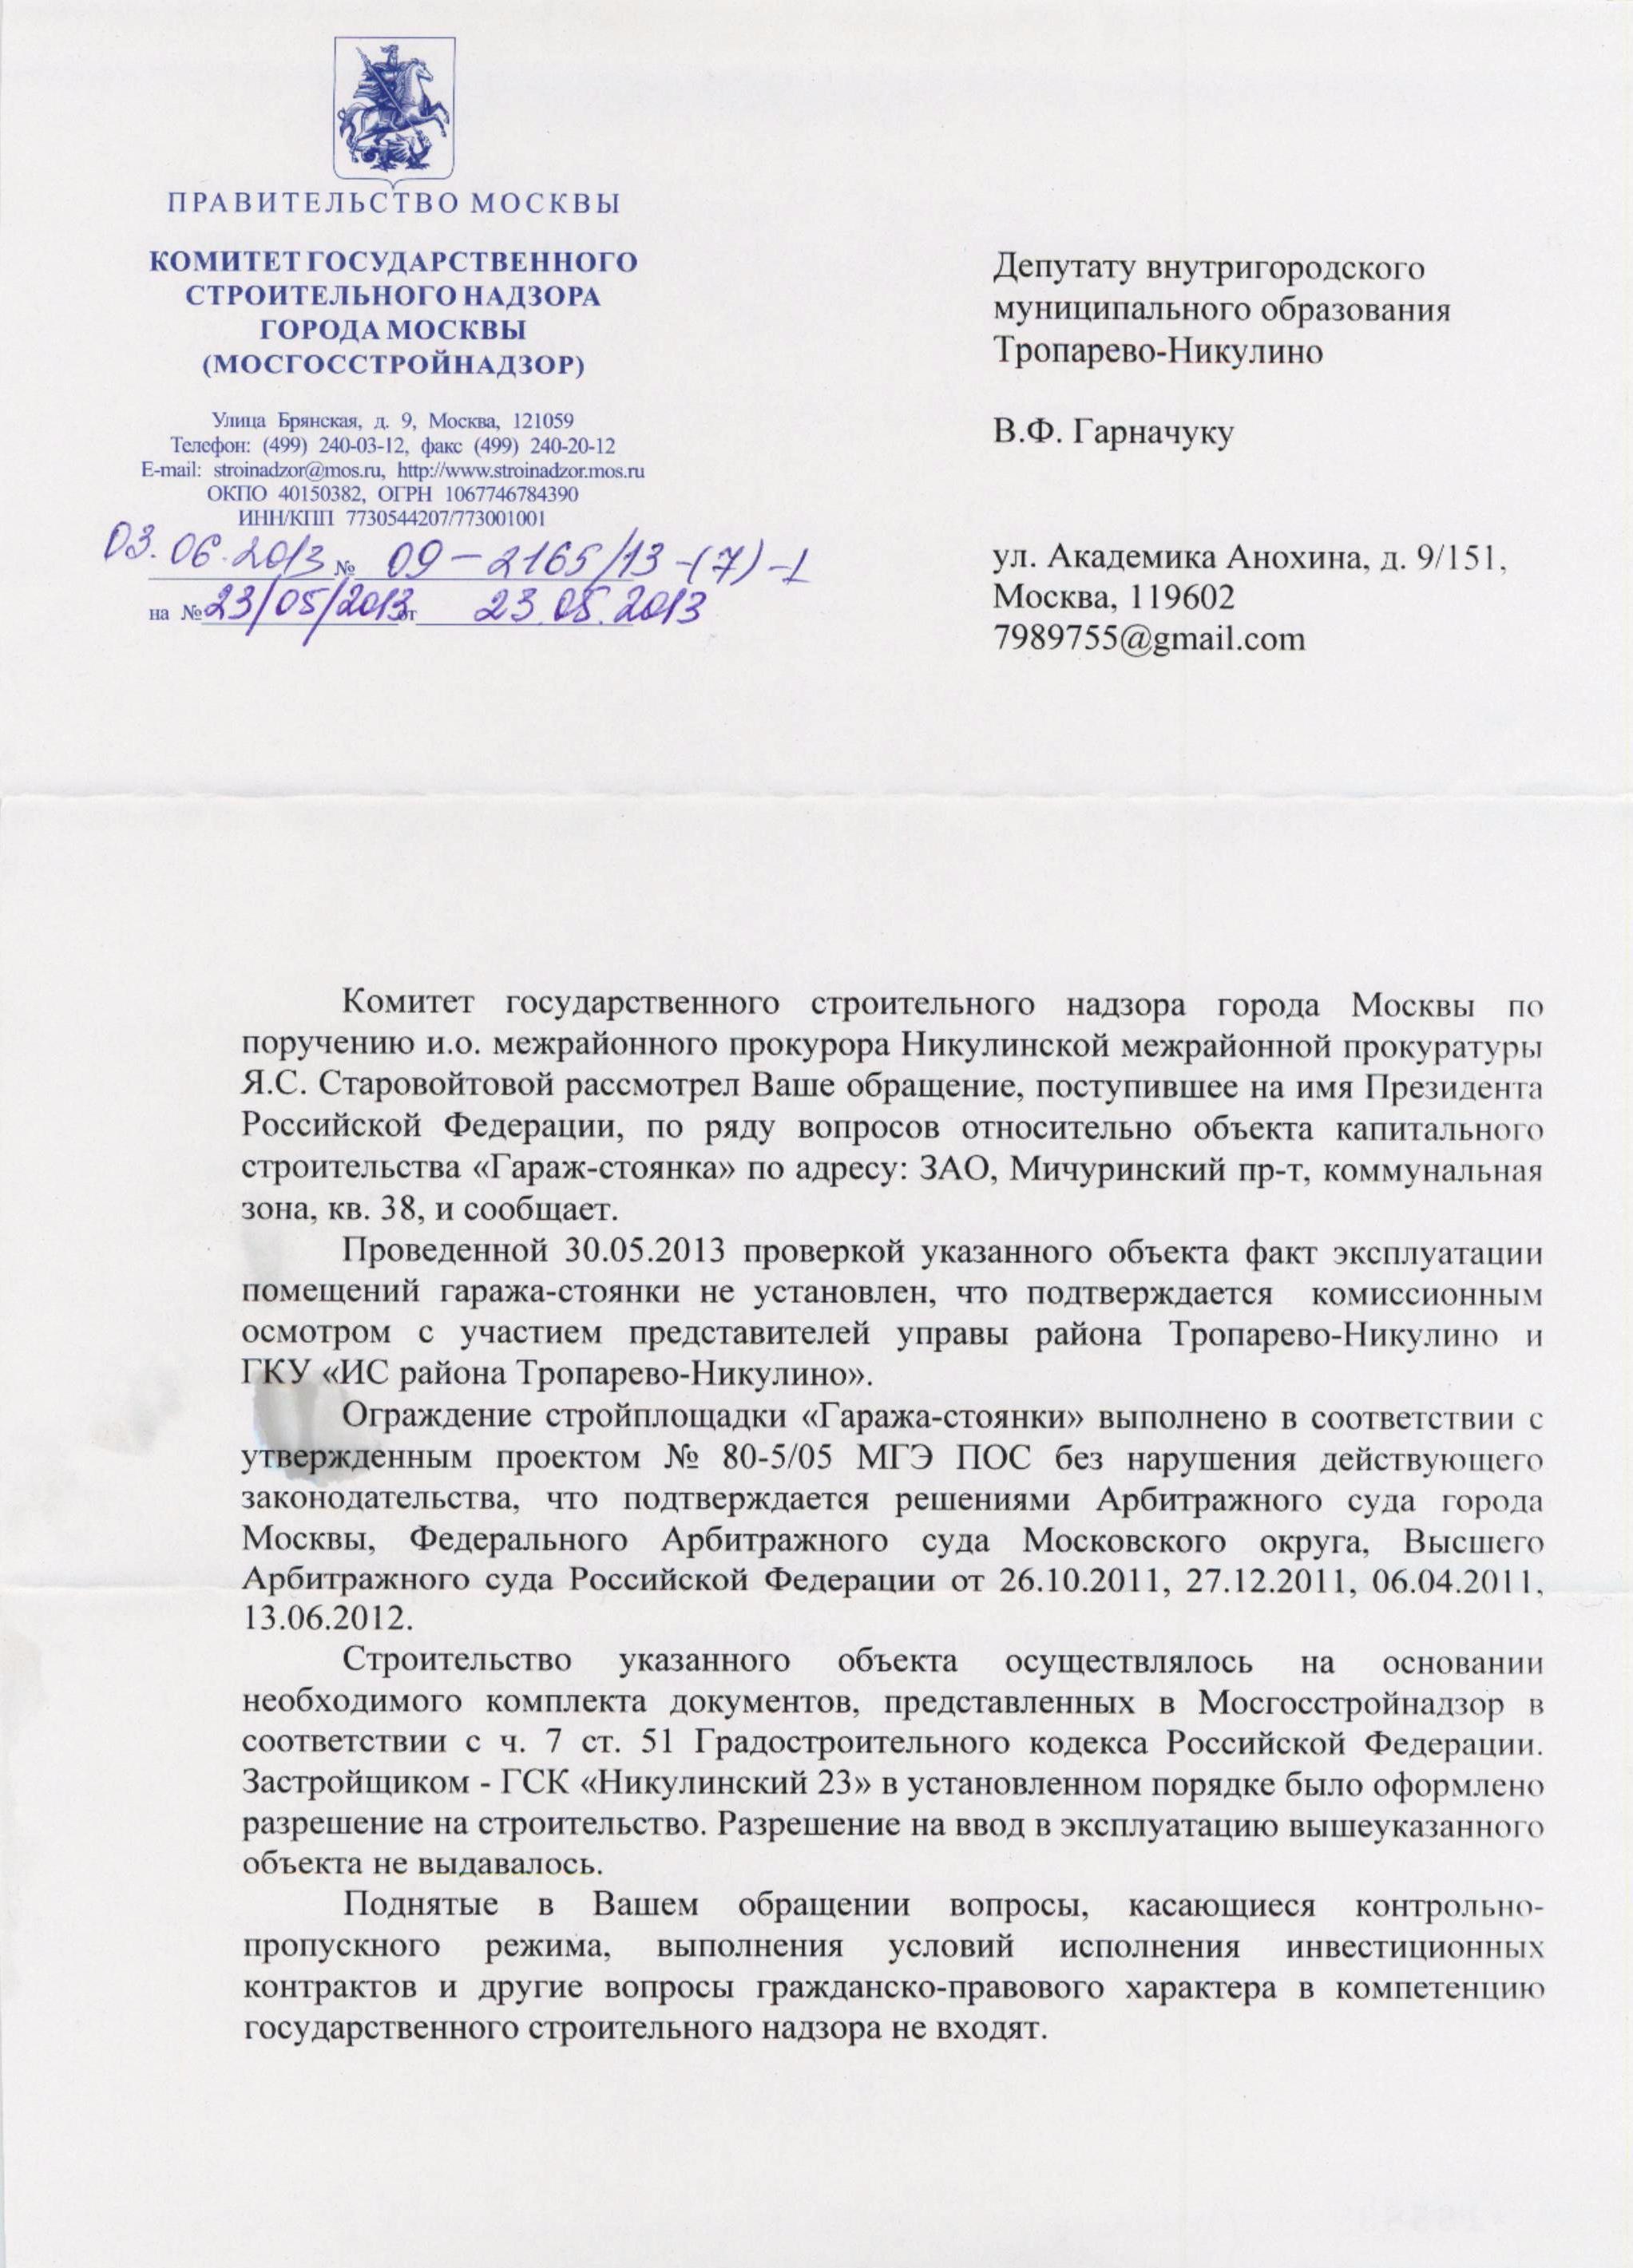 ответ мосстройнадзор ГСК Никулинский 23 13.06.13 001